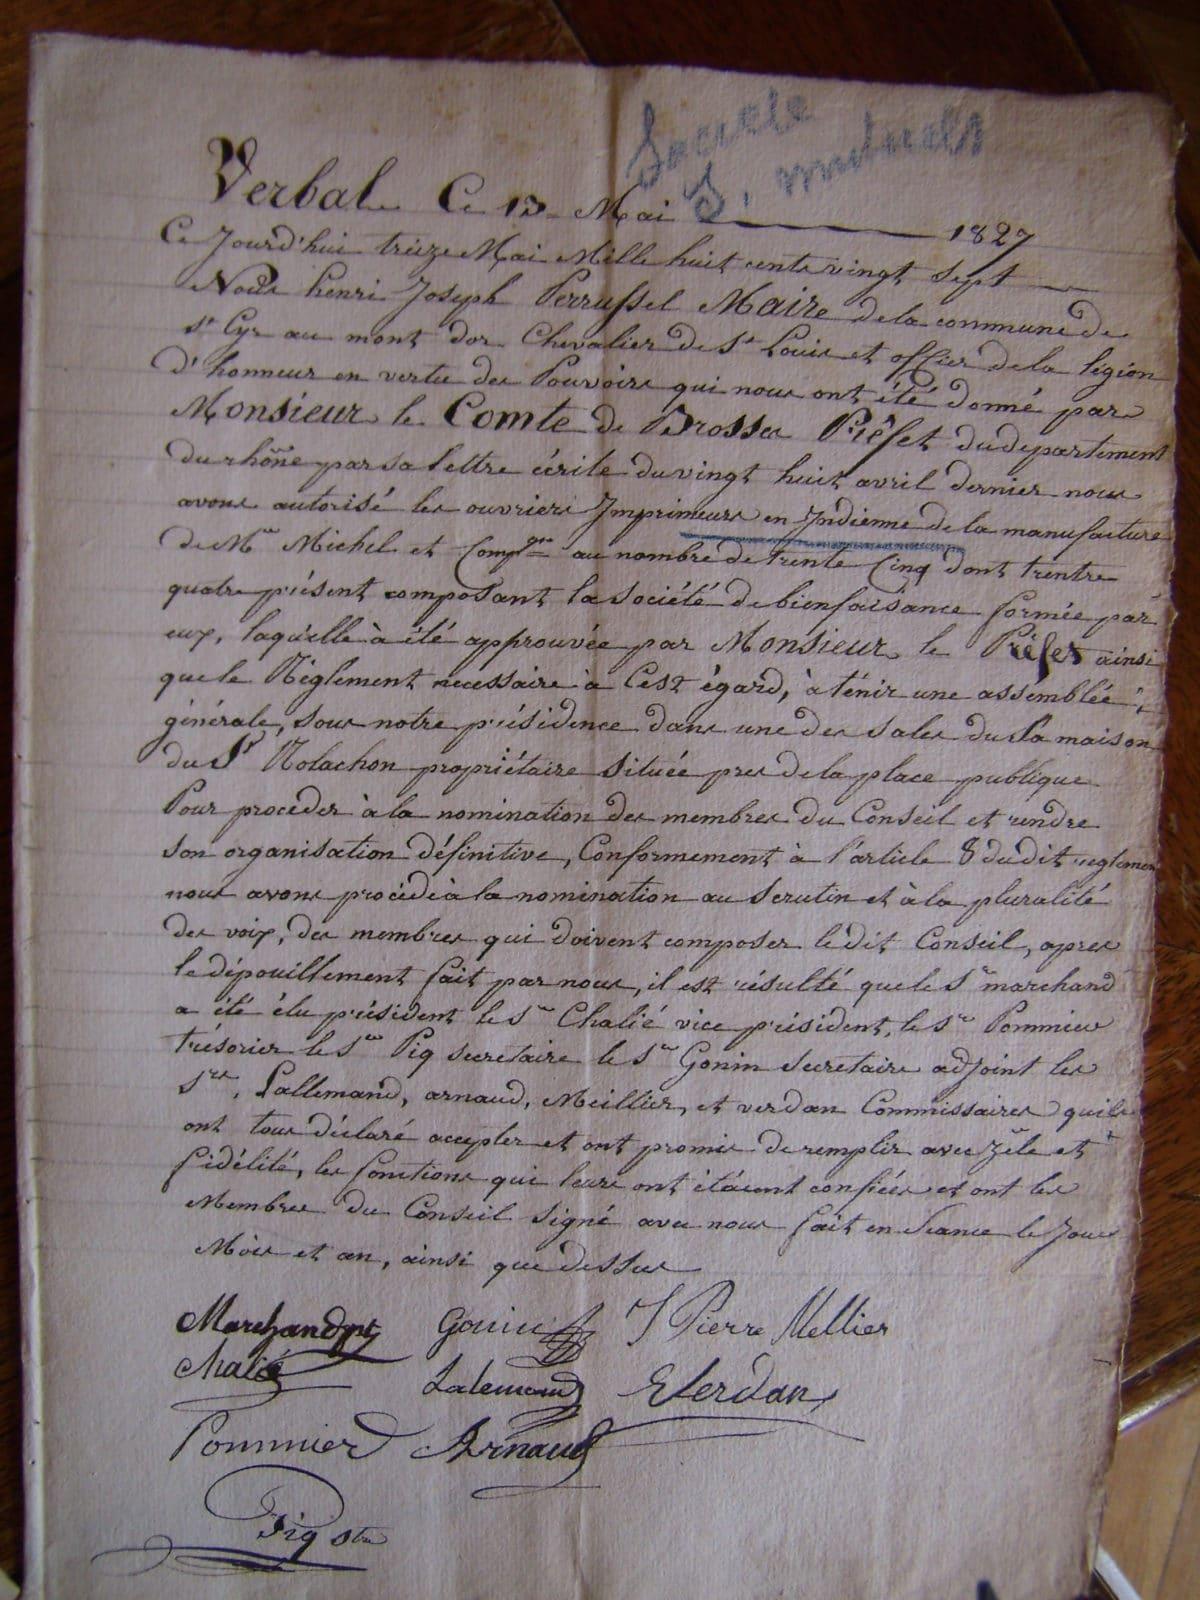 1821 ans une partie de baise en famille apregraves le dicircner - 5 7